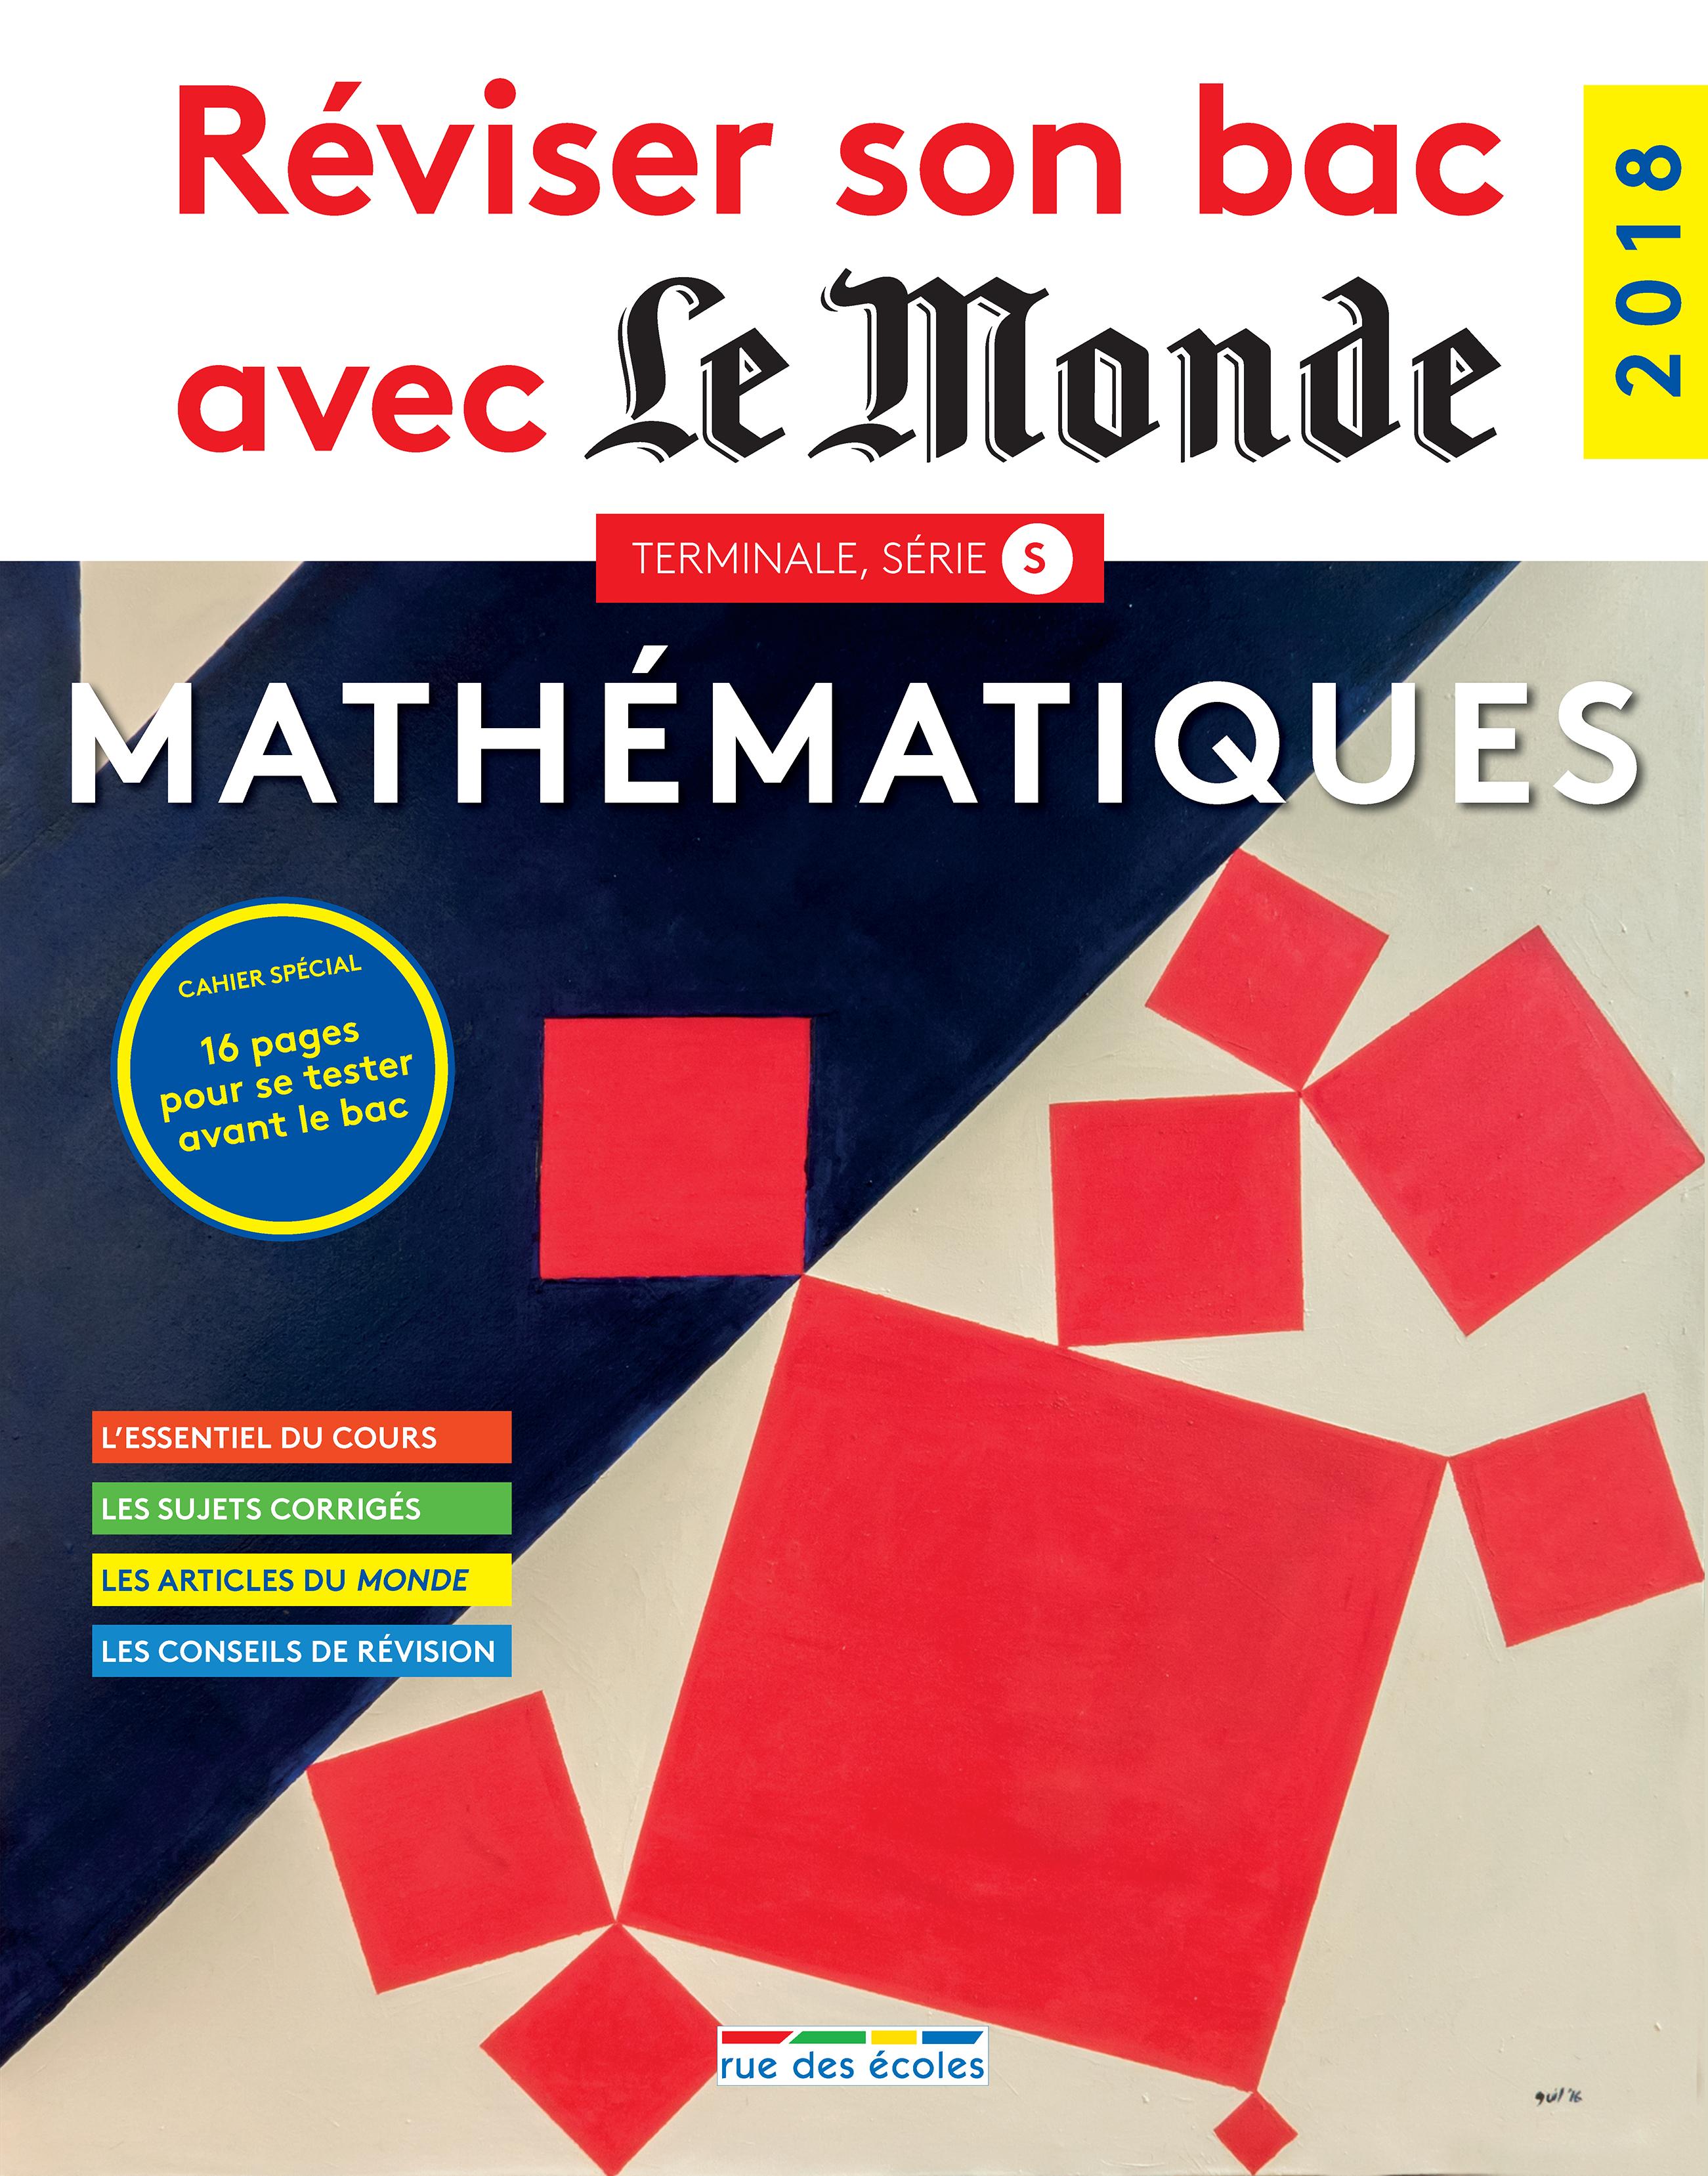 REVISER SON BAC AVEC LE MONDE : MATHEMATIQUES 2018